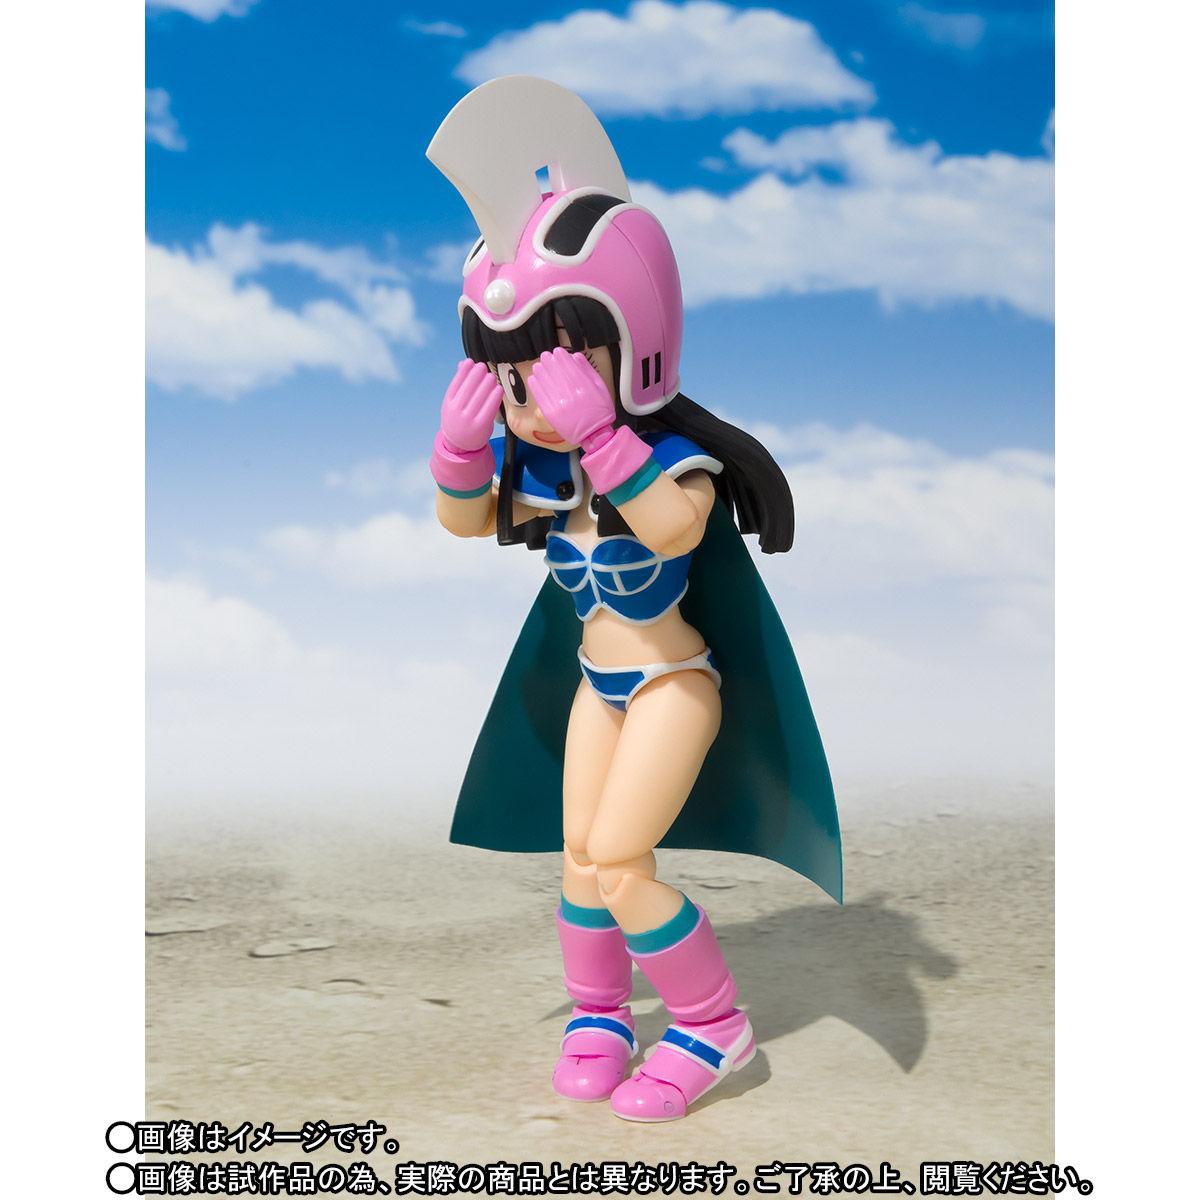 【限定販売】S.H.Figuarts『チチ -少女期-』ドラゴンボール 可動フィギュア-005